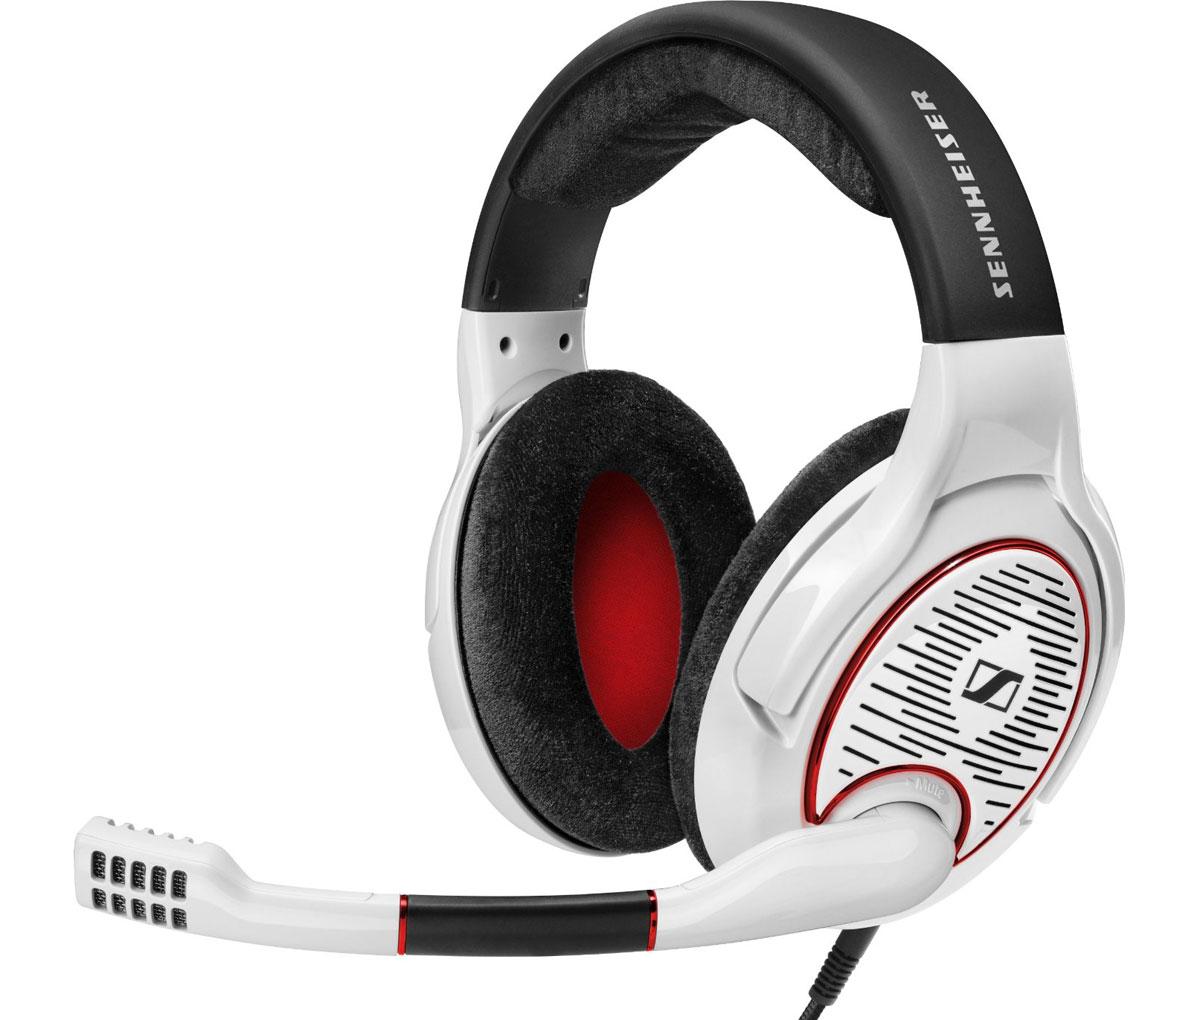 Sennheiser Game One, White игровые наушники506065С игровой гарнитурой Sennheiser Game One вы будете наслаждаться естественным и детальным звучанием, которое обеспечат открытые наушники. Открытые наушники с большими велюровыми амбушюрами XXL гарантируют свободную циркуляцию воздуха, что несомненно поможет Вам во время длительных игровых сессий. Лёгкий вес, оптимизированные для игр преобразователи Sennheiser, интуитивная функция отключения микрофона и встроенный регулятор громкости превращают Game One в незаменимого партнёра в компьютерных играх. Выдающийся комфорт - большие наушники с велюровыми амбушюрами обеспечивая мягкое прилегание и комфорт. Чистый и детализированный звук в игровом пространстве достигается за счёт оригинальных преобразователей Sennheiser, специально оптимизированных для игр. Удобная функция отключения микрофона - микрофон автоматически отключается, если повернуть держатель в вертикальное положение. Кабель с тканевой оплёткой предотвращает...